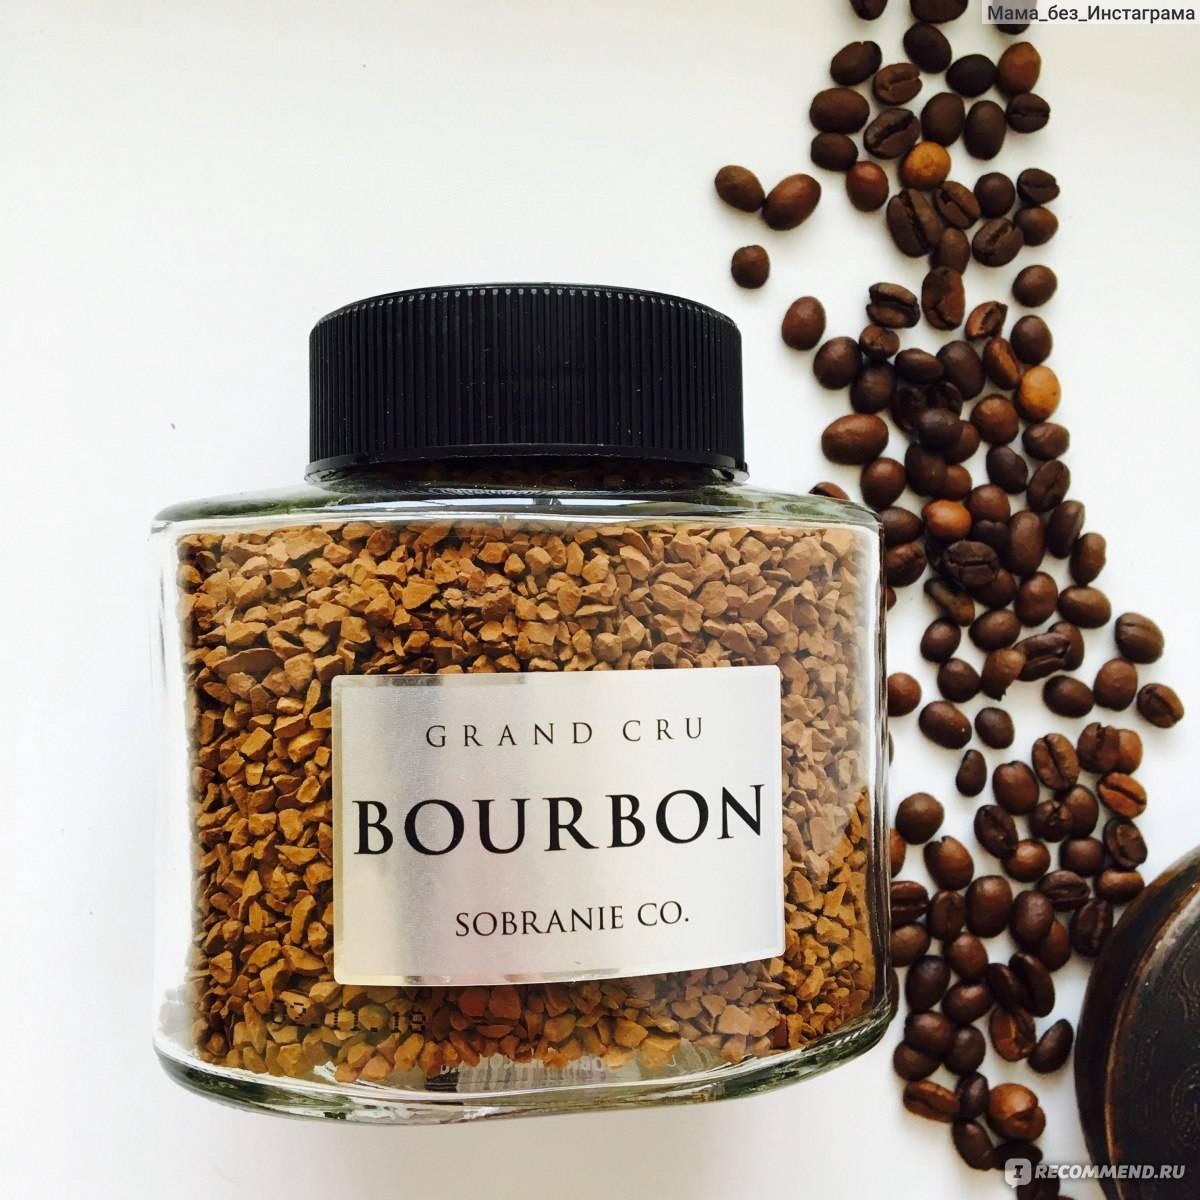 Кофе бурбон